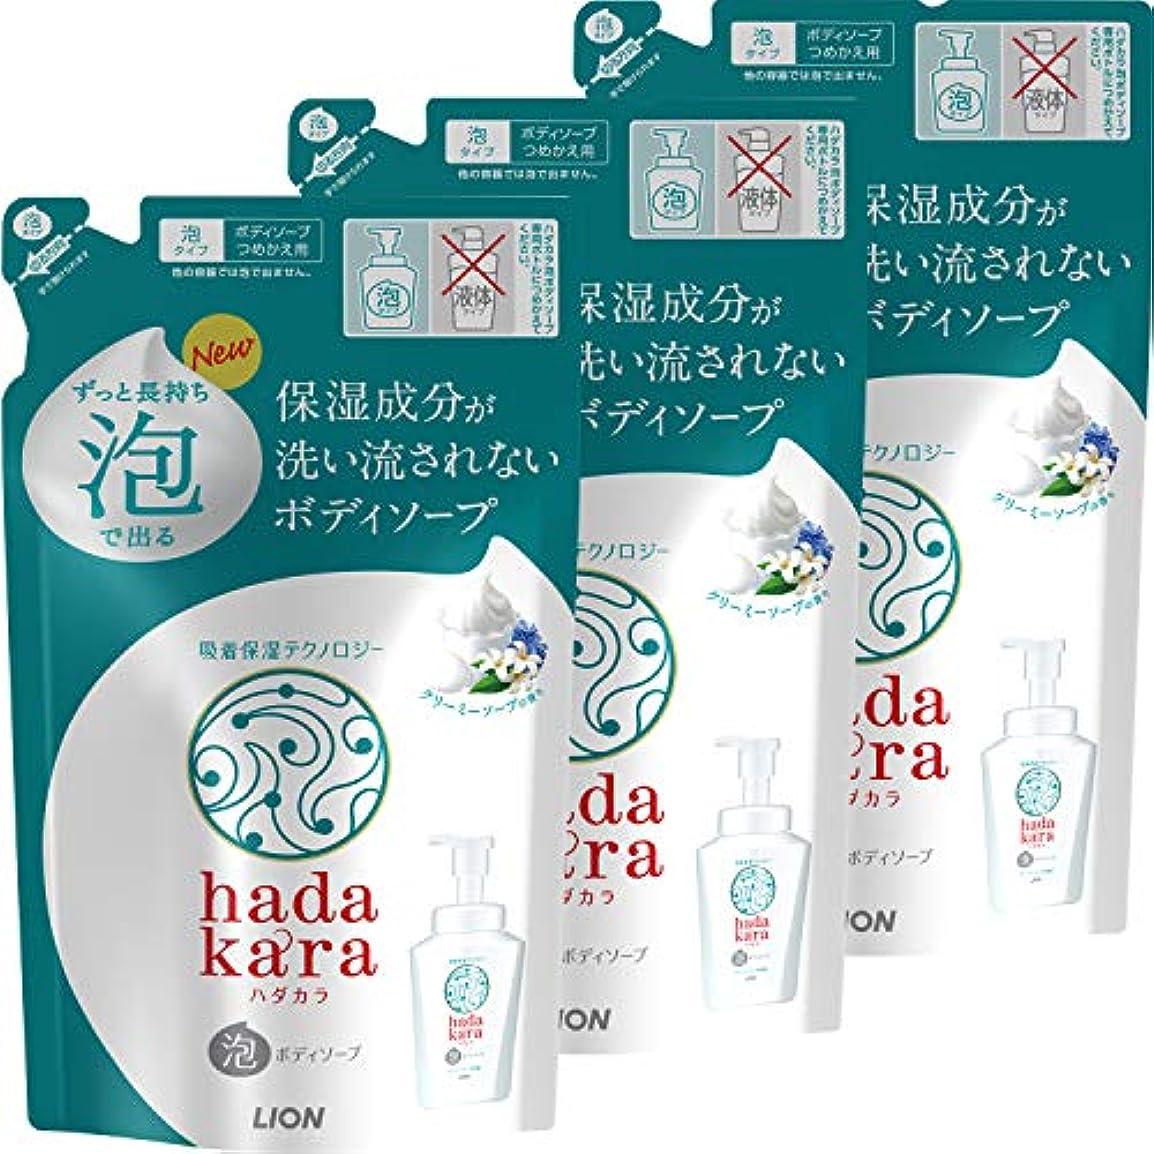 ベッドを作るペルーのためhadakara(ハダカラ) ボディソープ 泡タイプ クリーミーソープの香り 詰替440ml×3個